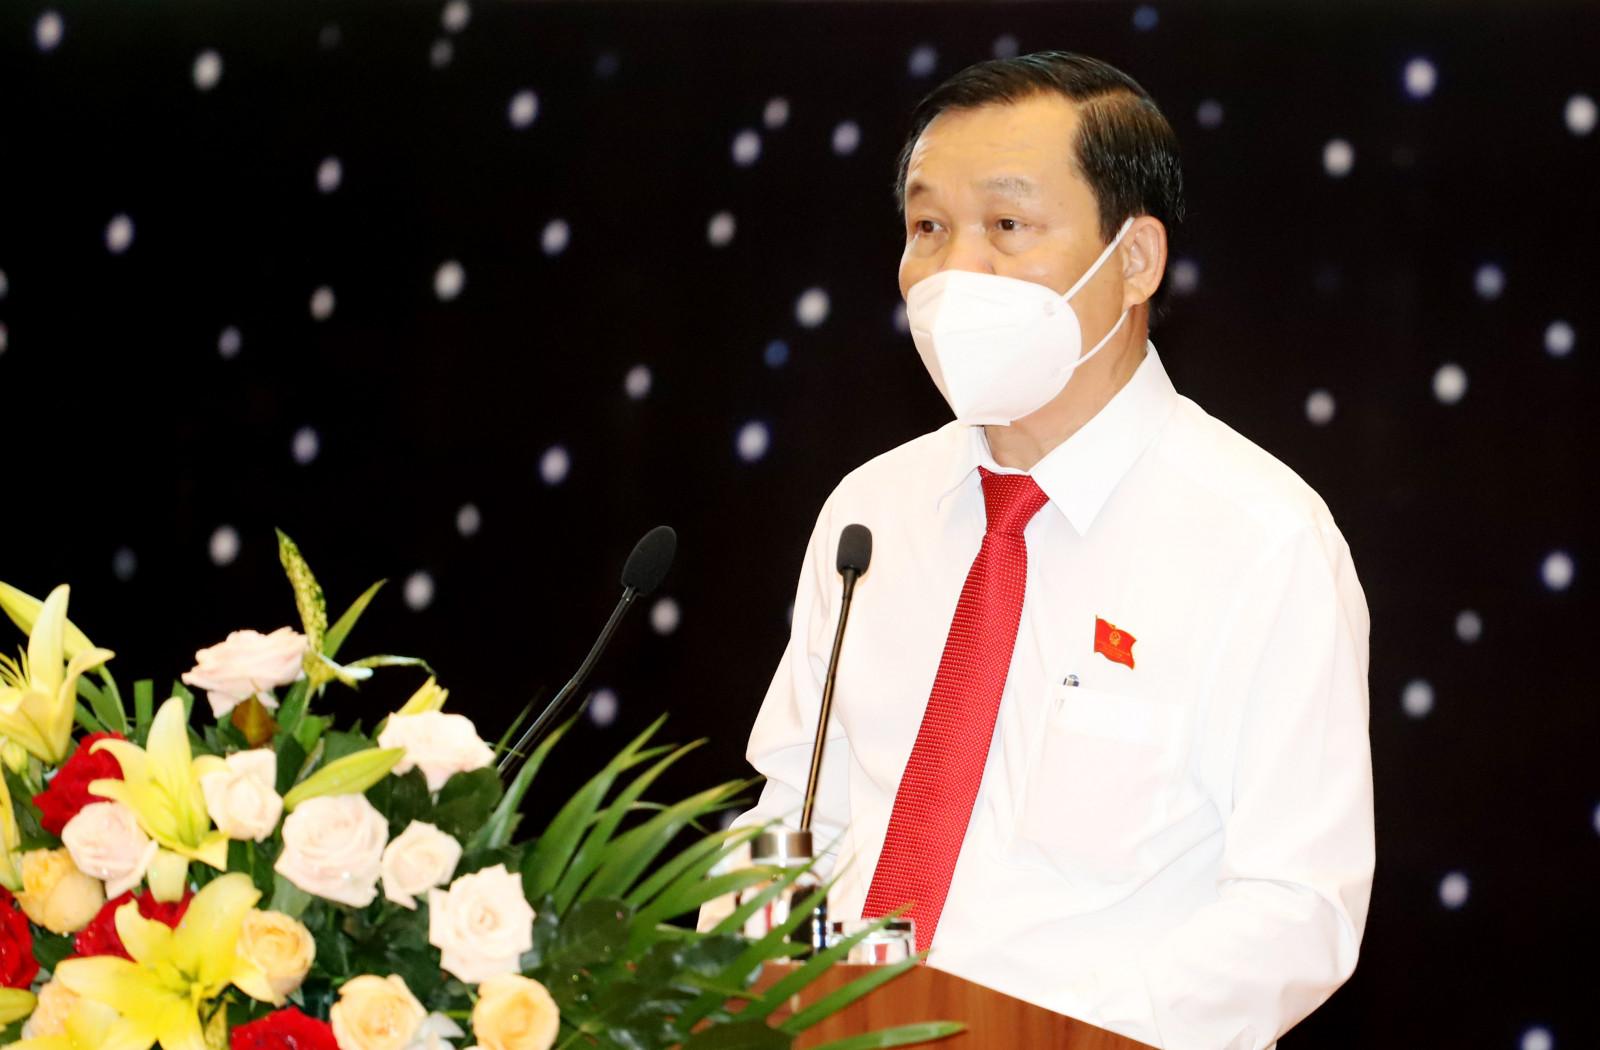 Ông Võ Văn Minh - Phó Bí thư Tỉnh ủy, Chủ tịch UBND tỉnh Bình Dương phát biểu tại sự kiện. Ảnh: Báo Bình Dương